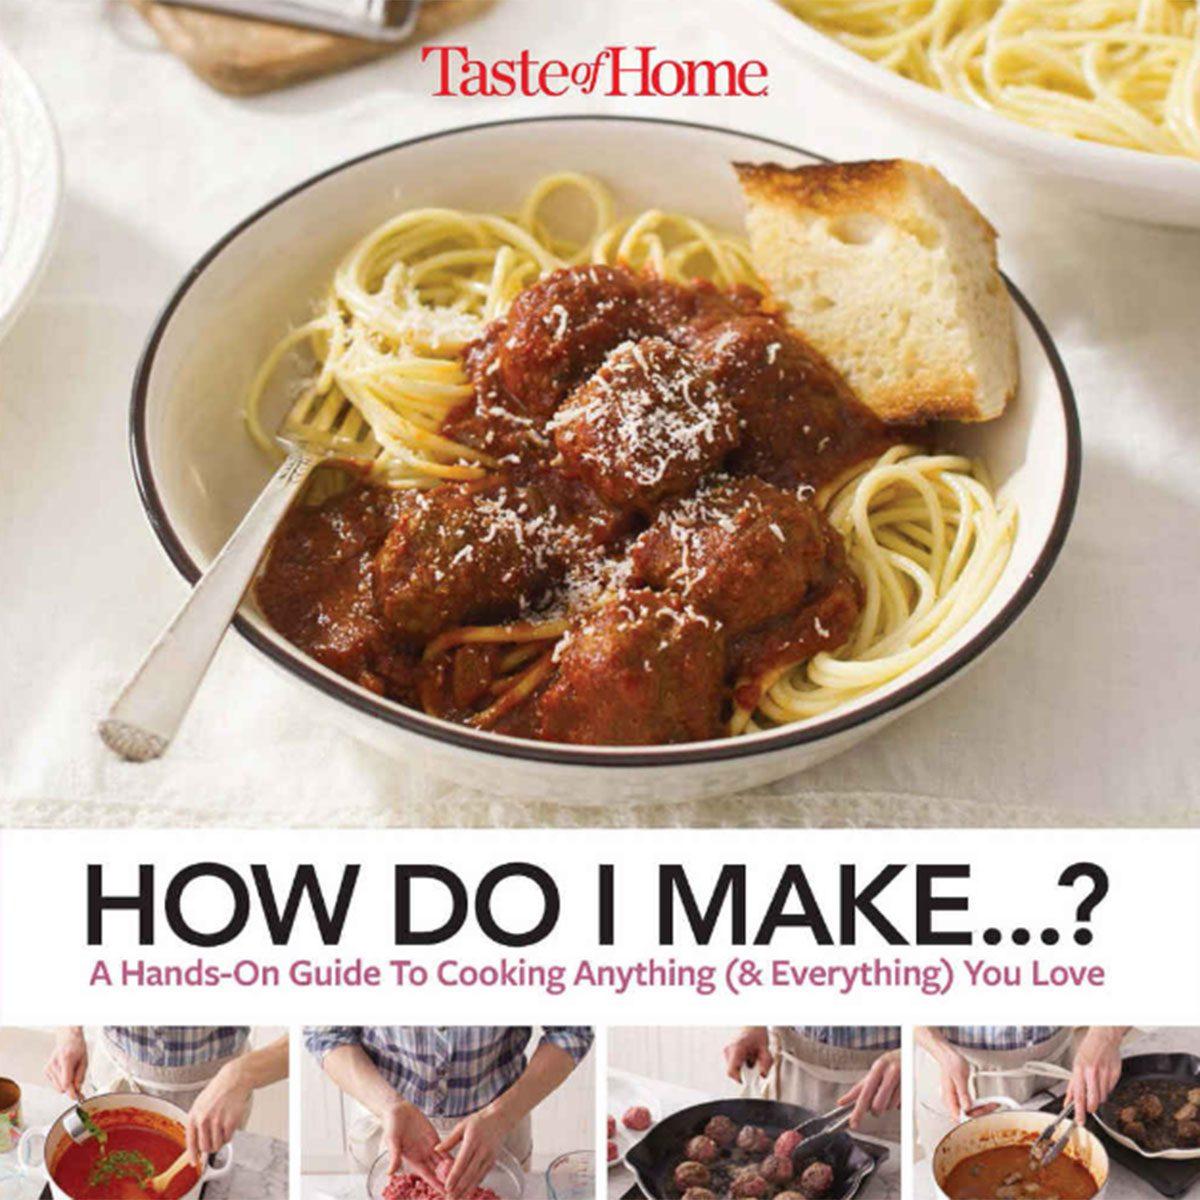 How Do I Make...?